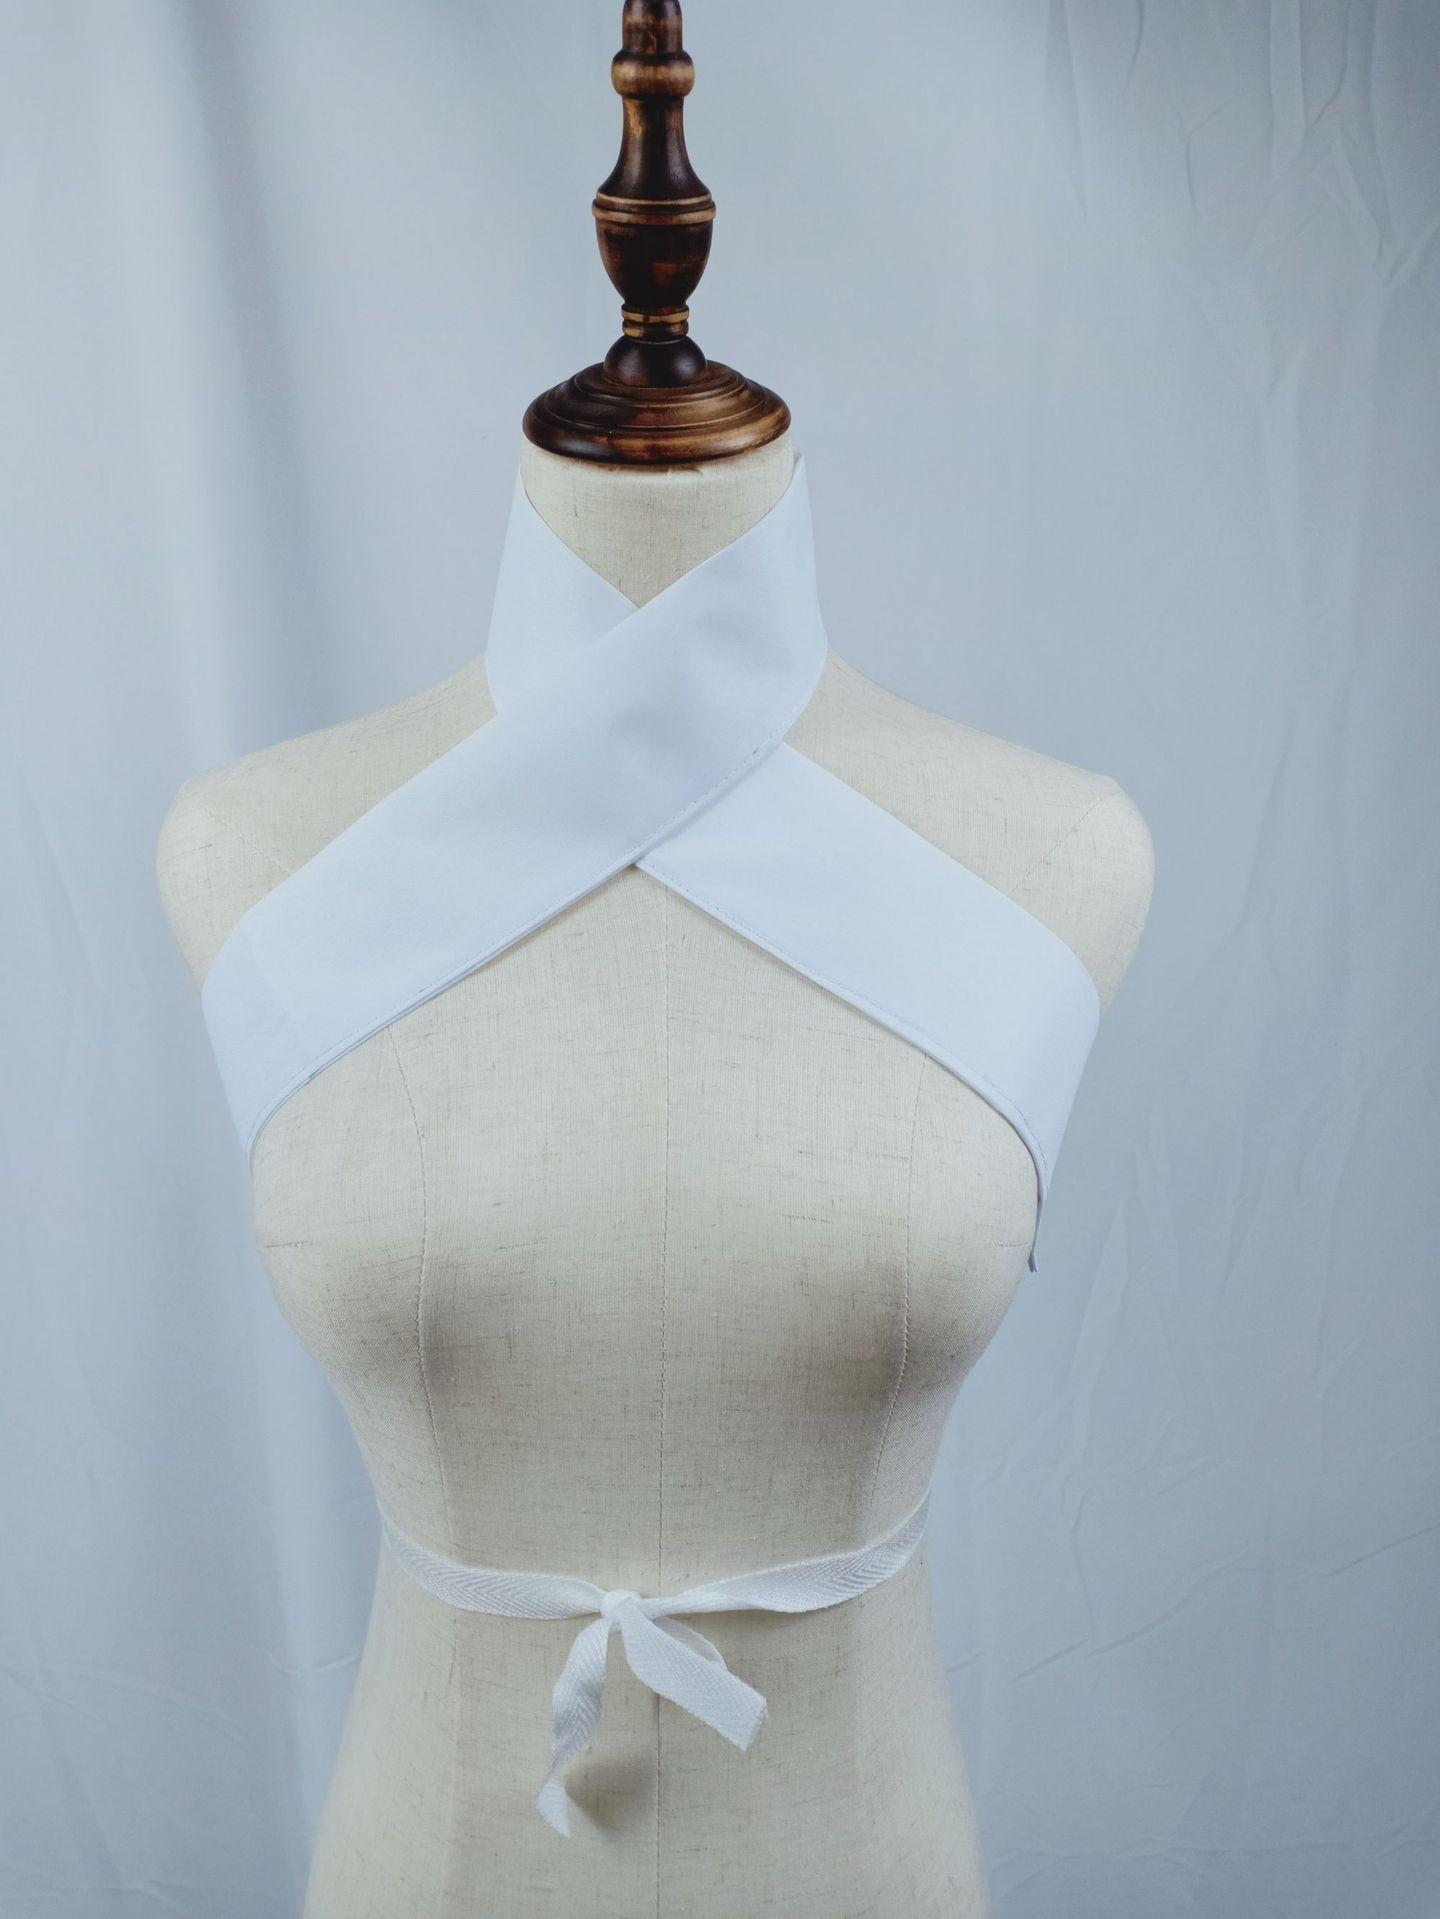 京剧戏剧戏曲演出用品棉护领水领假领小旦小生内衣白领